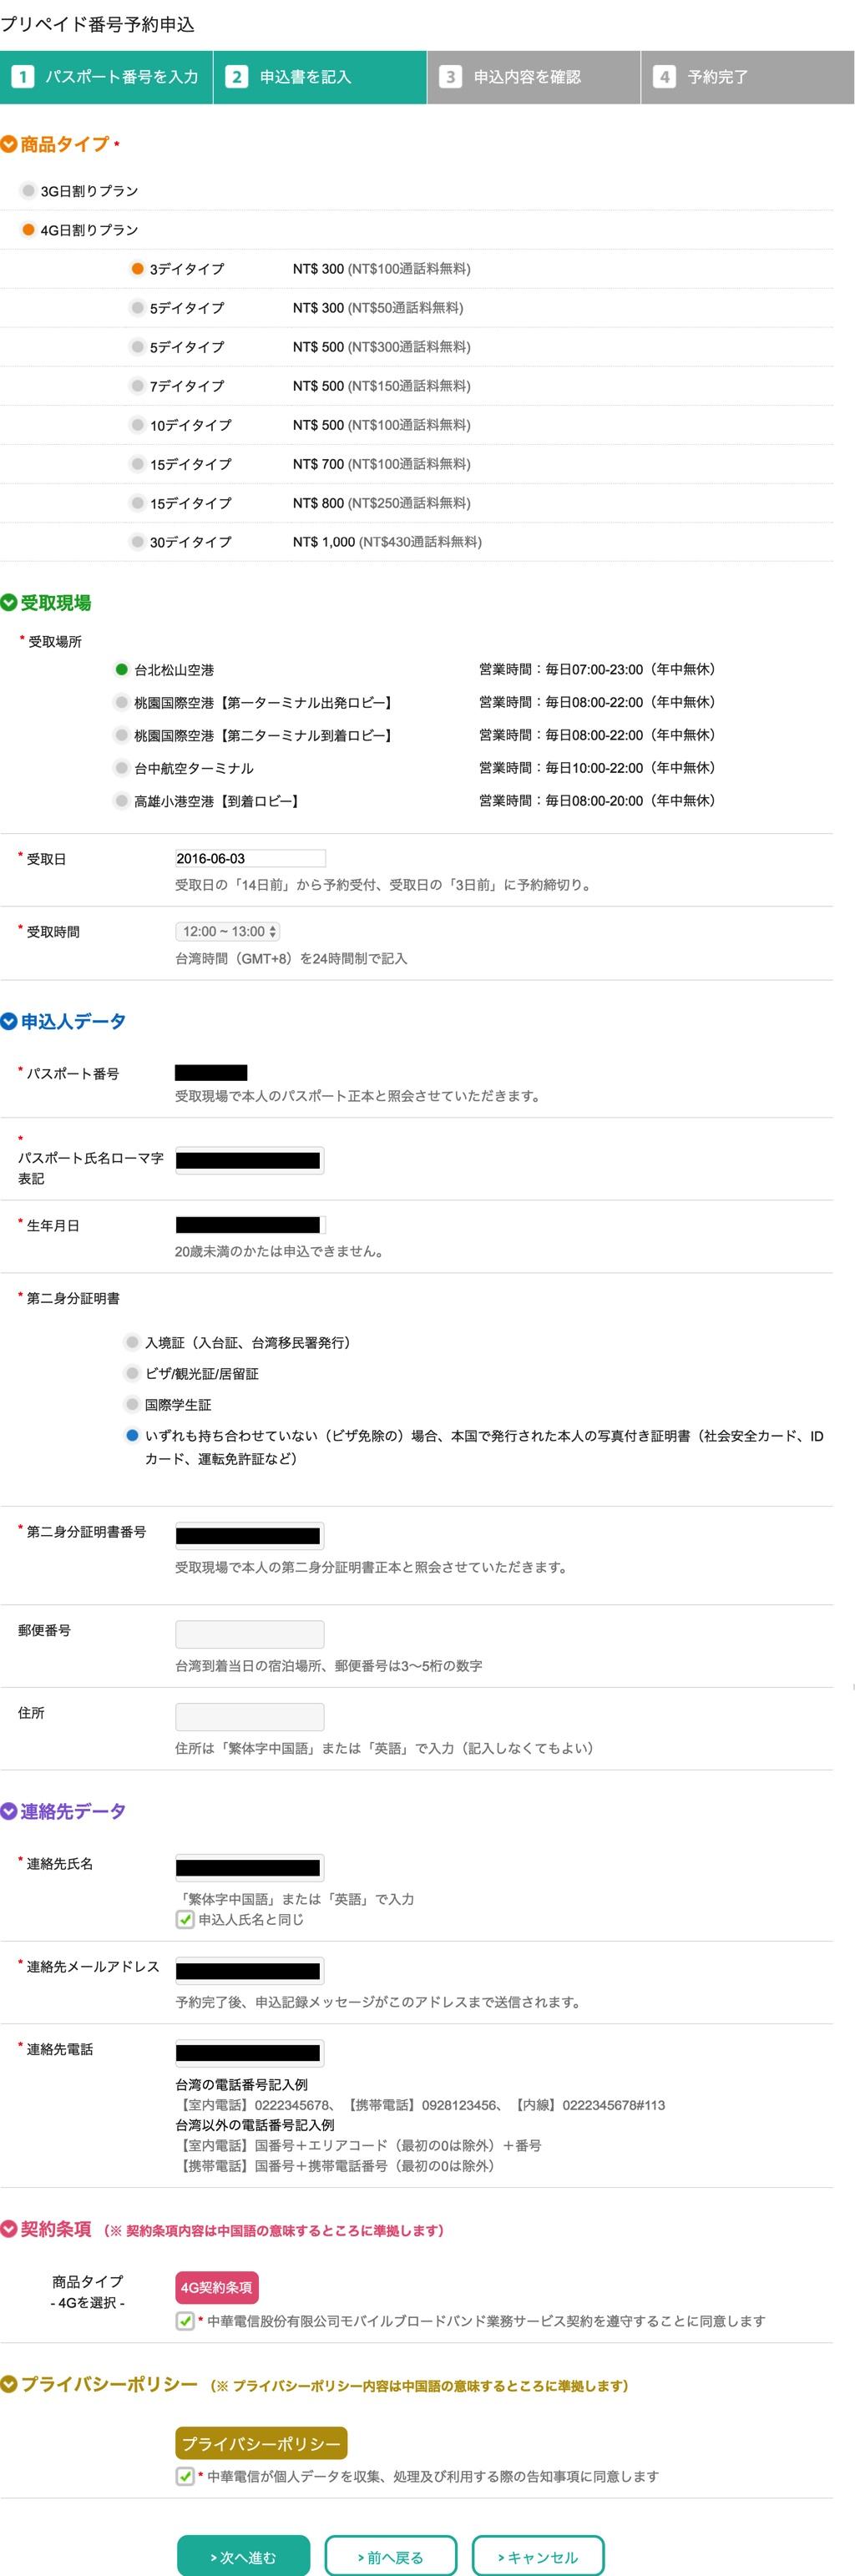 中華電信プリペイドSIMカードオンライン予約ページ03